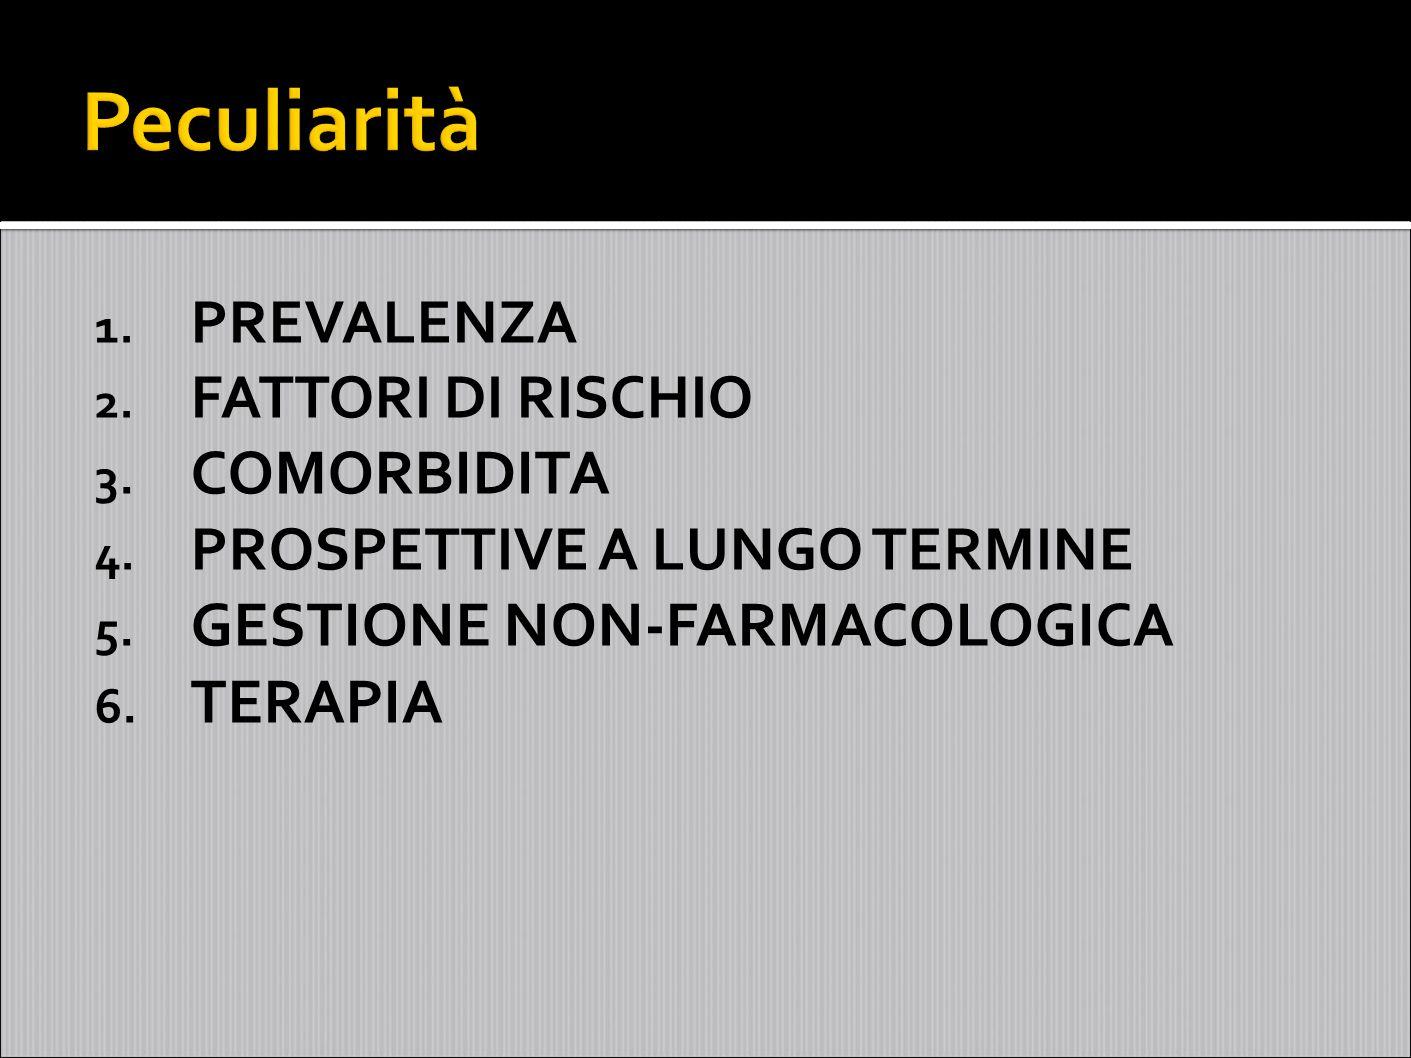 1.PREVALENZA 2. FATTORI DI RISCHIO 3. COMORBIDITA 4.